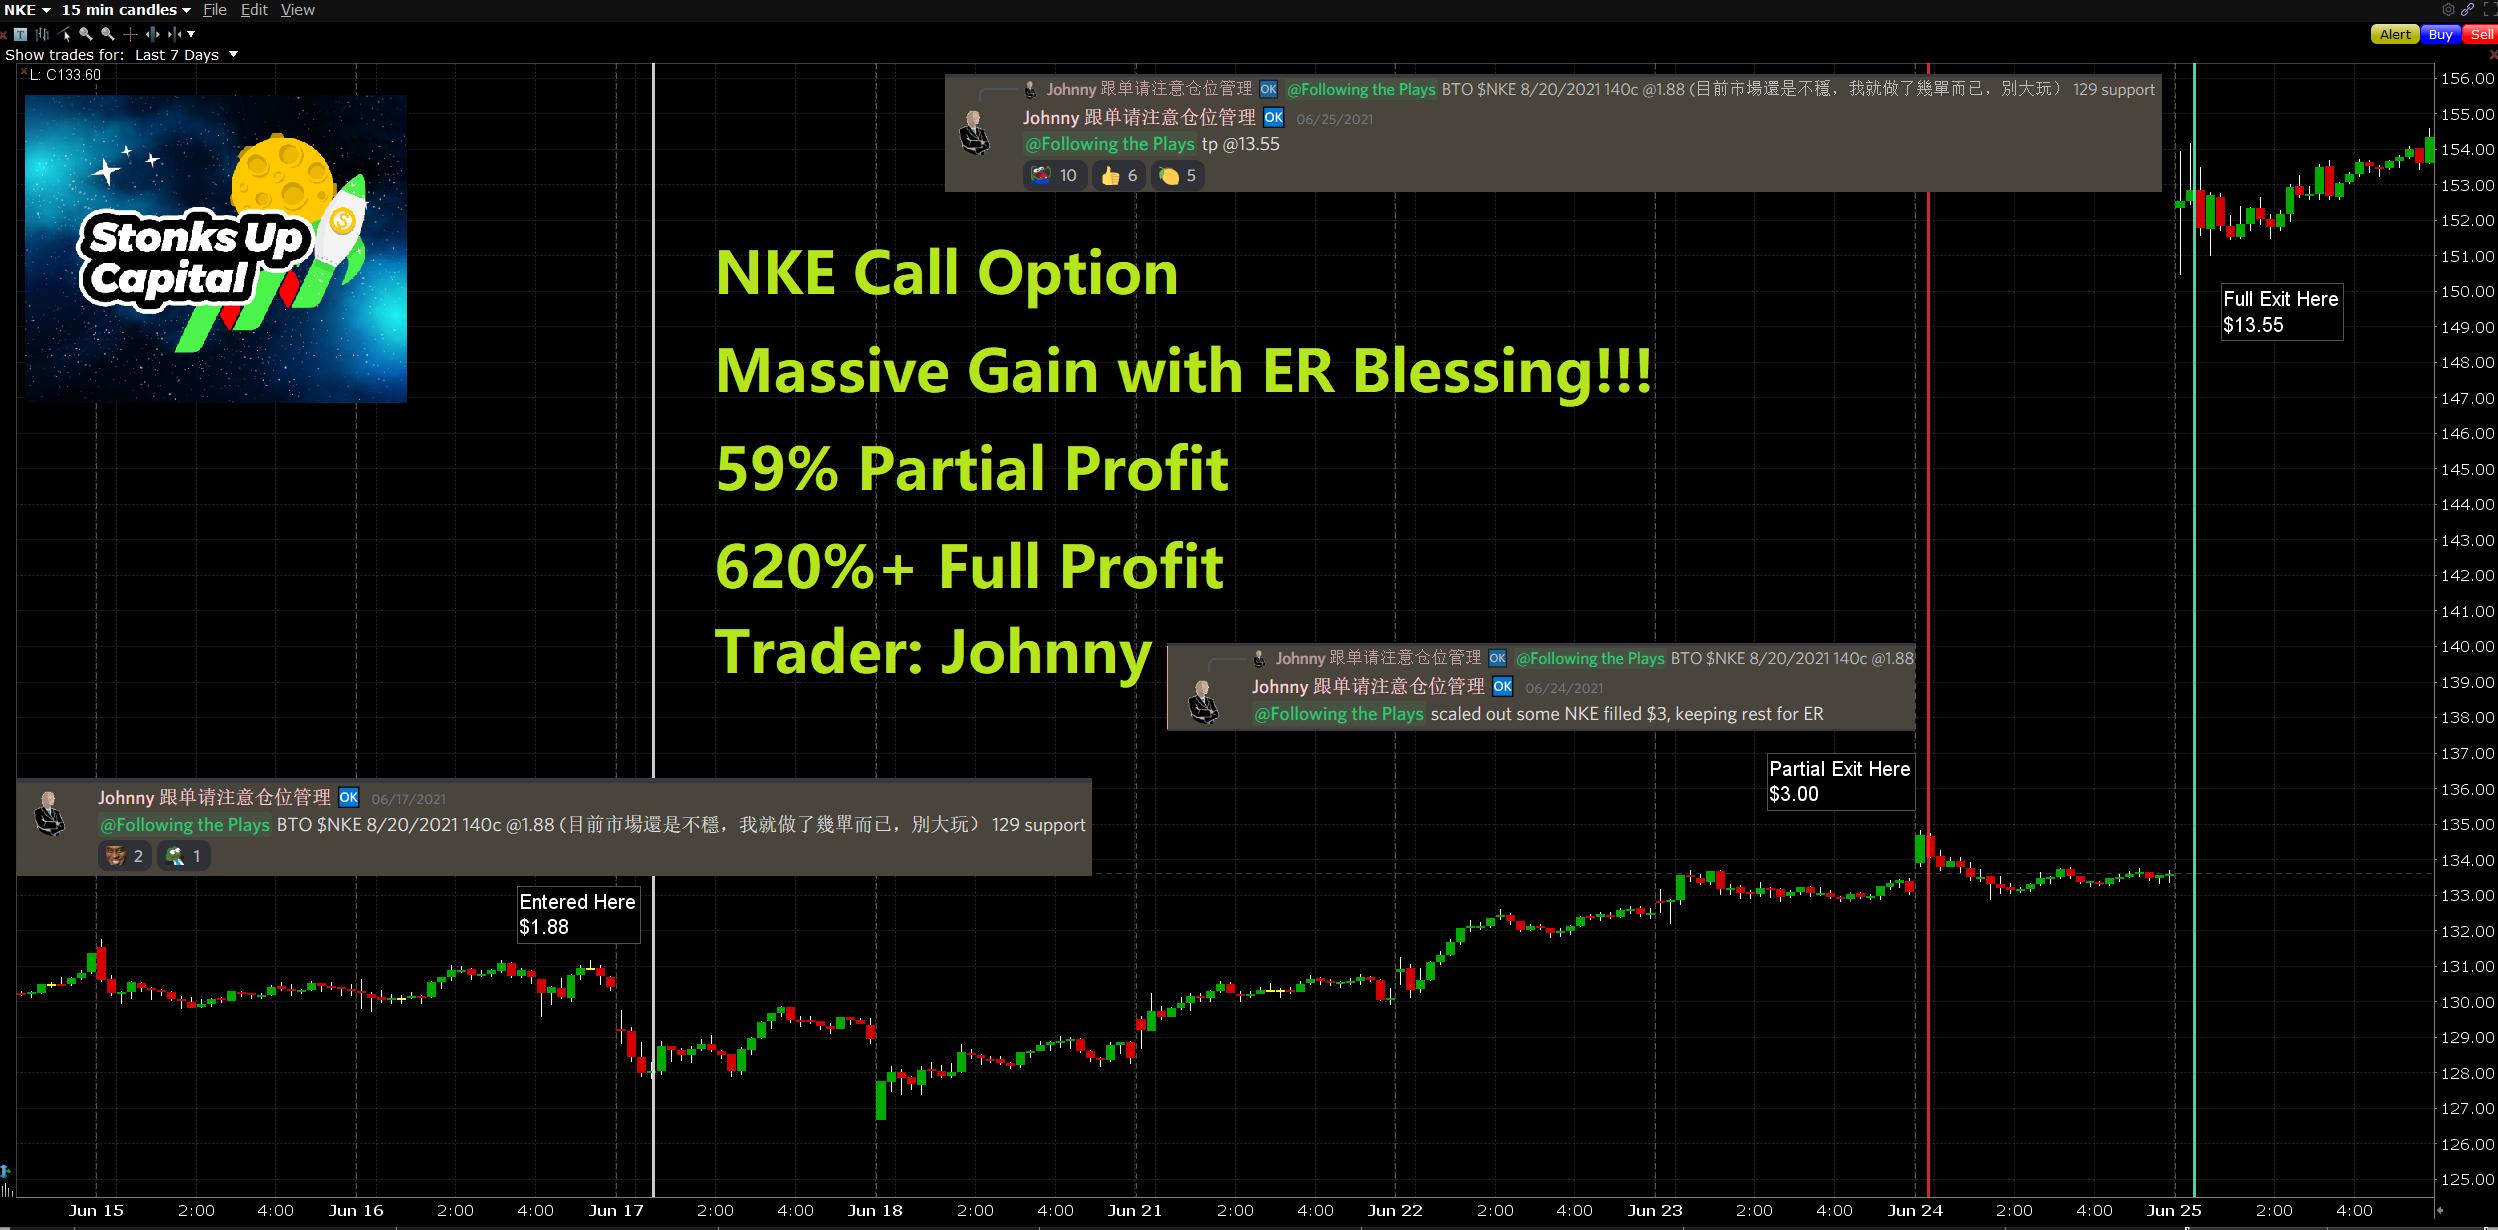 June 25, 2021 $NKE